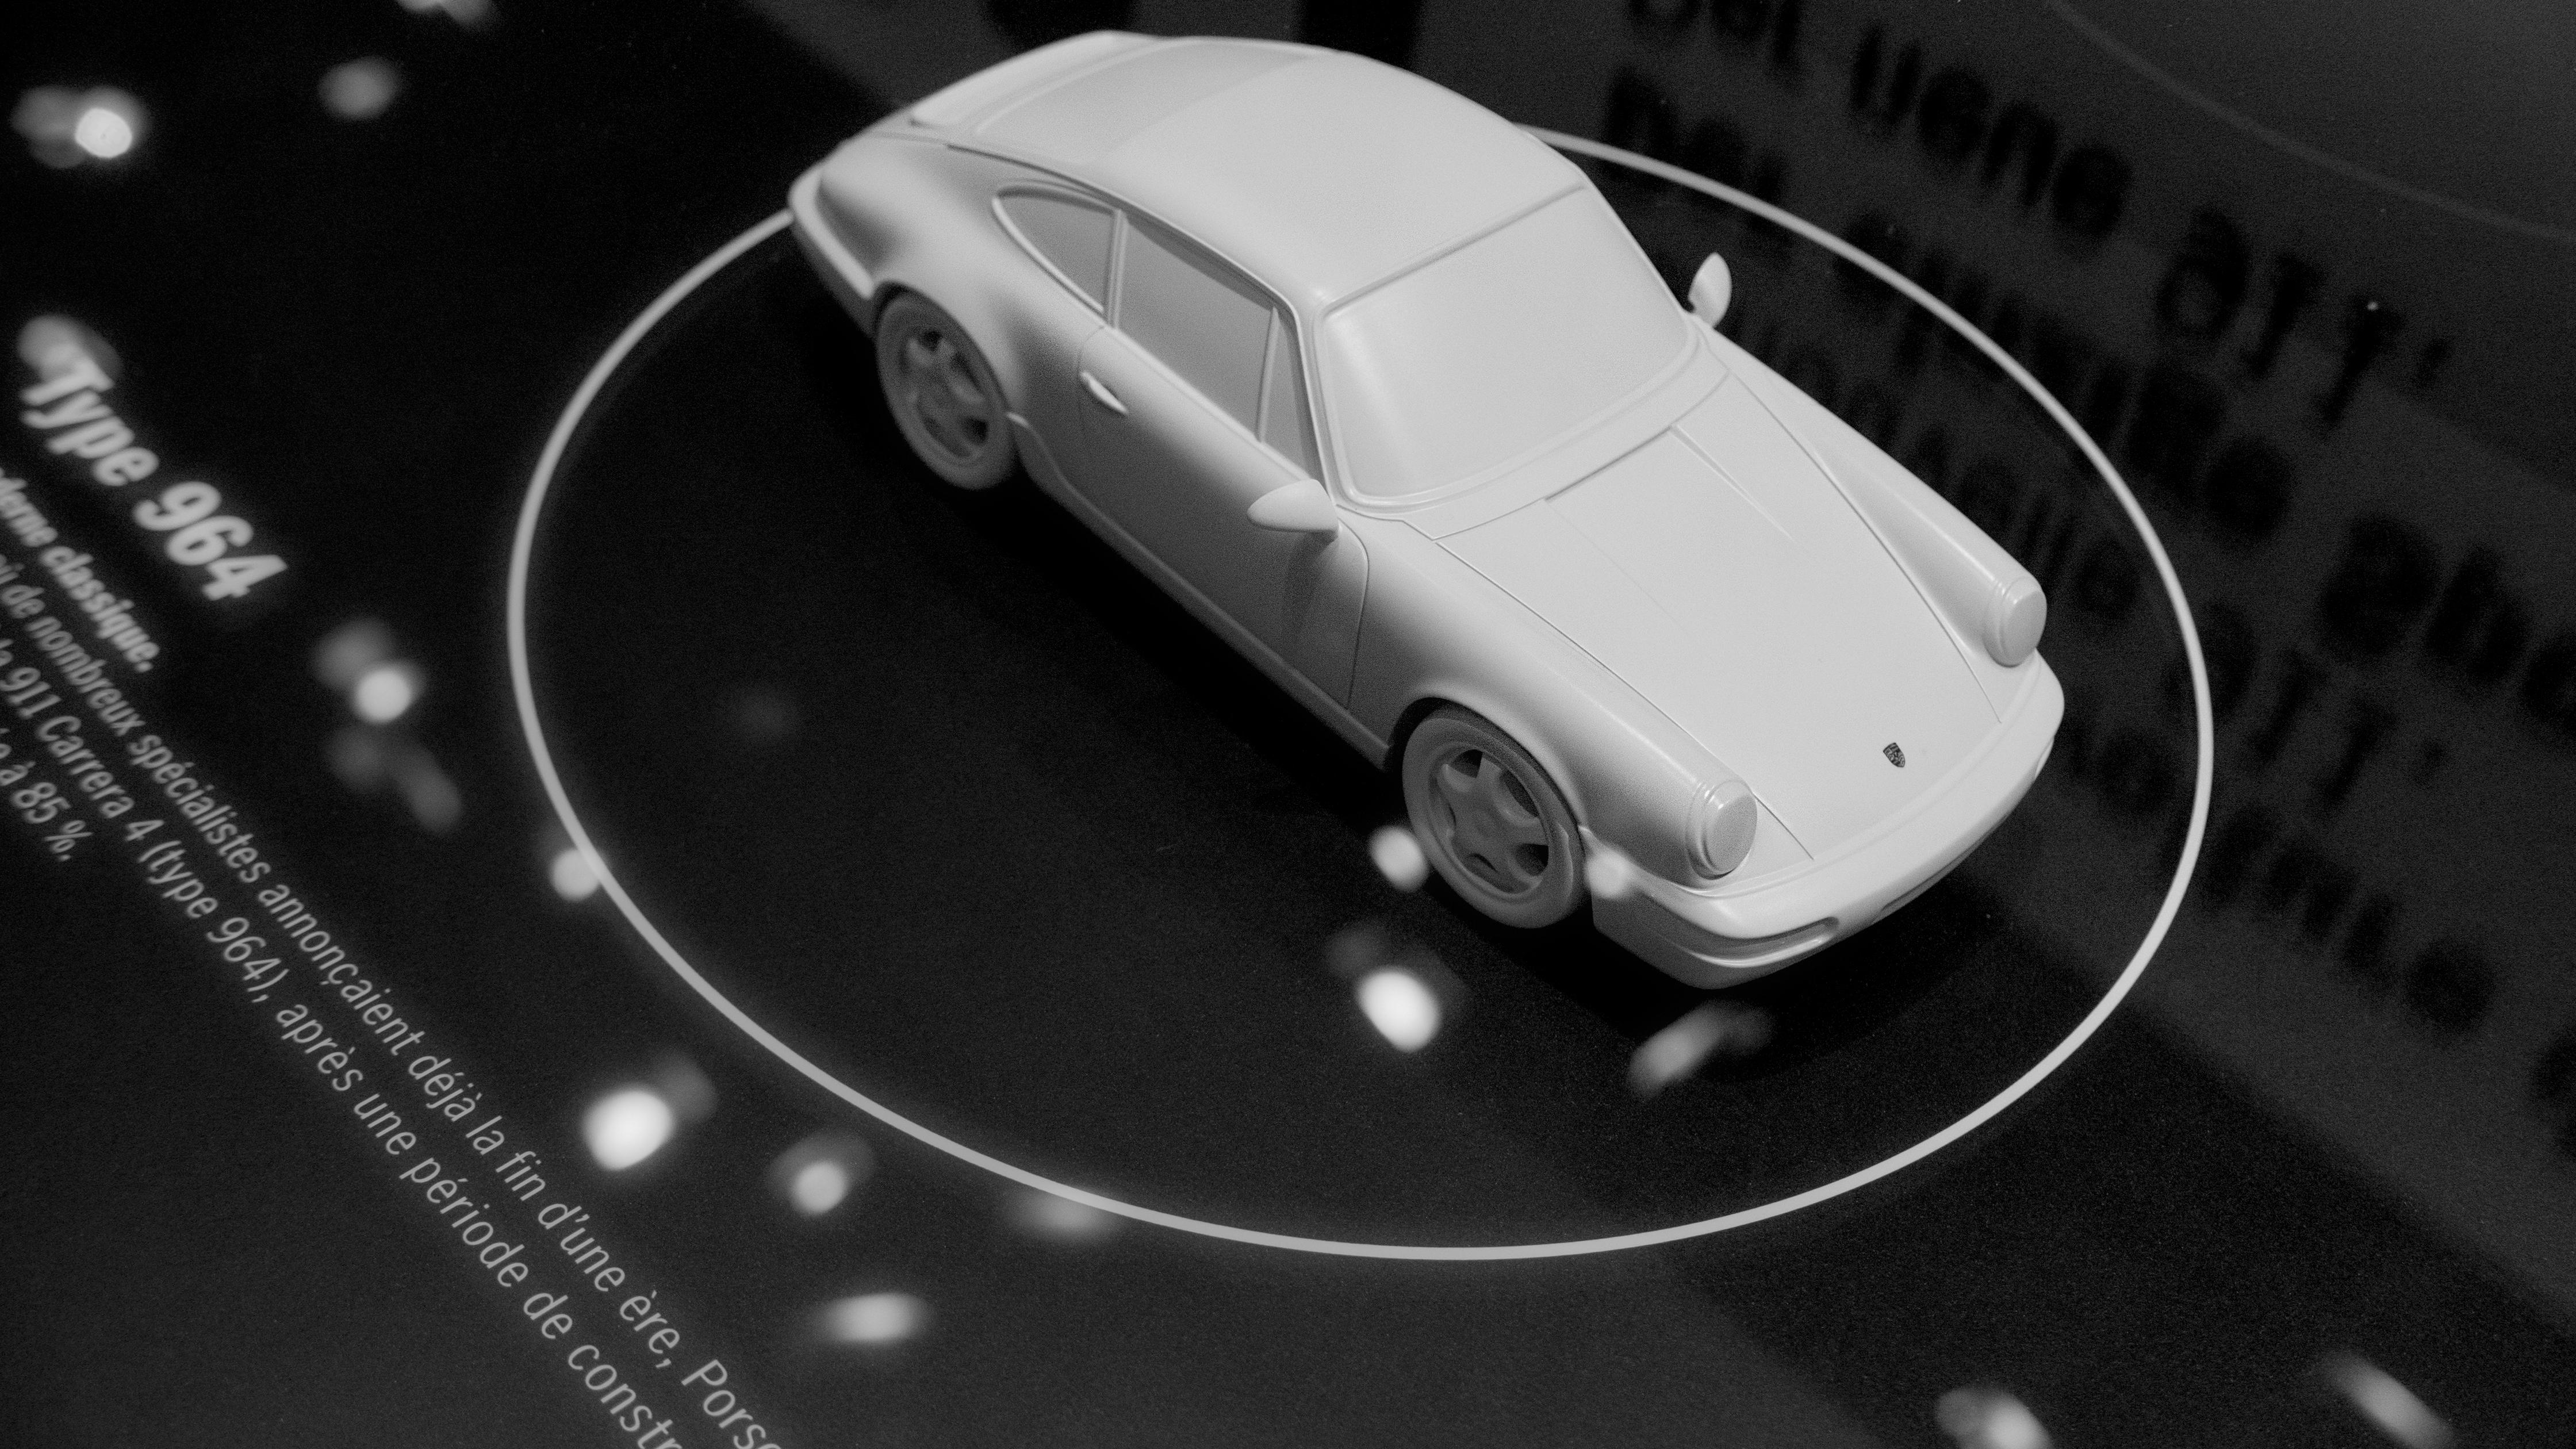 Porsche concept car photo